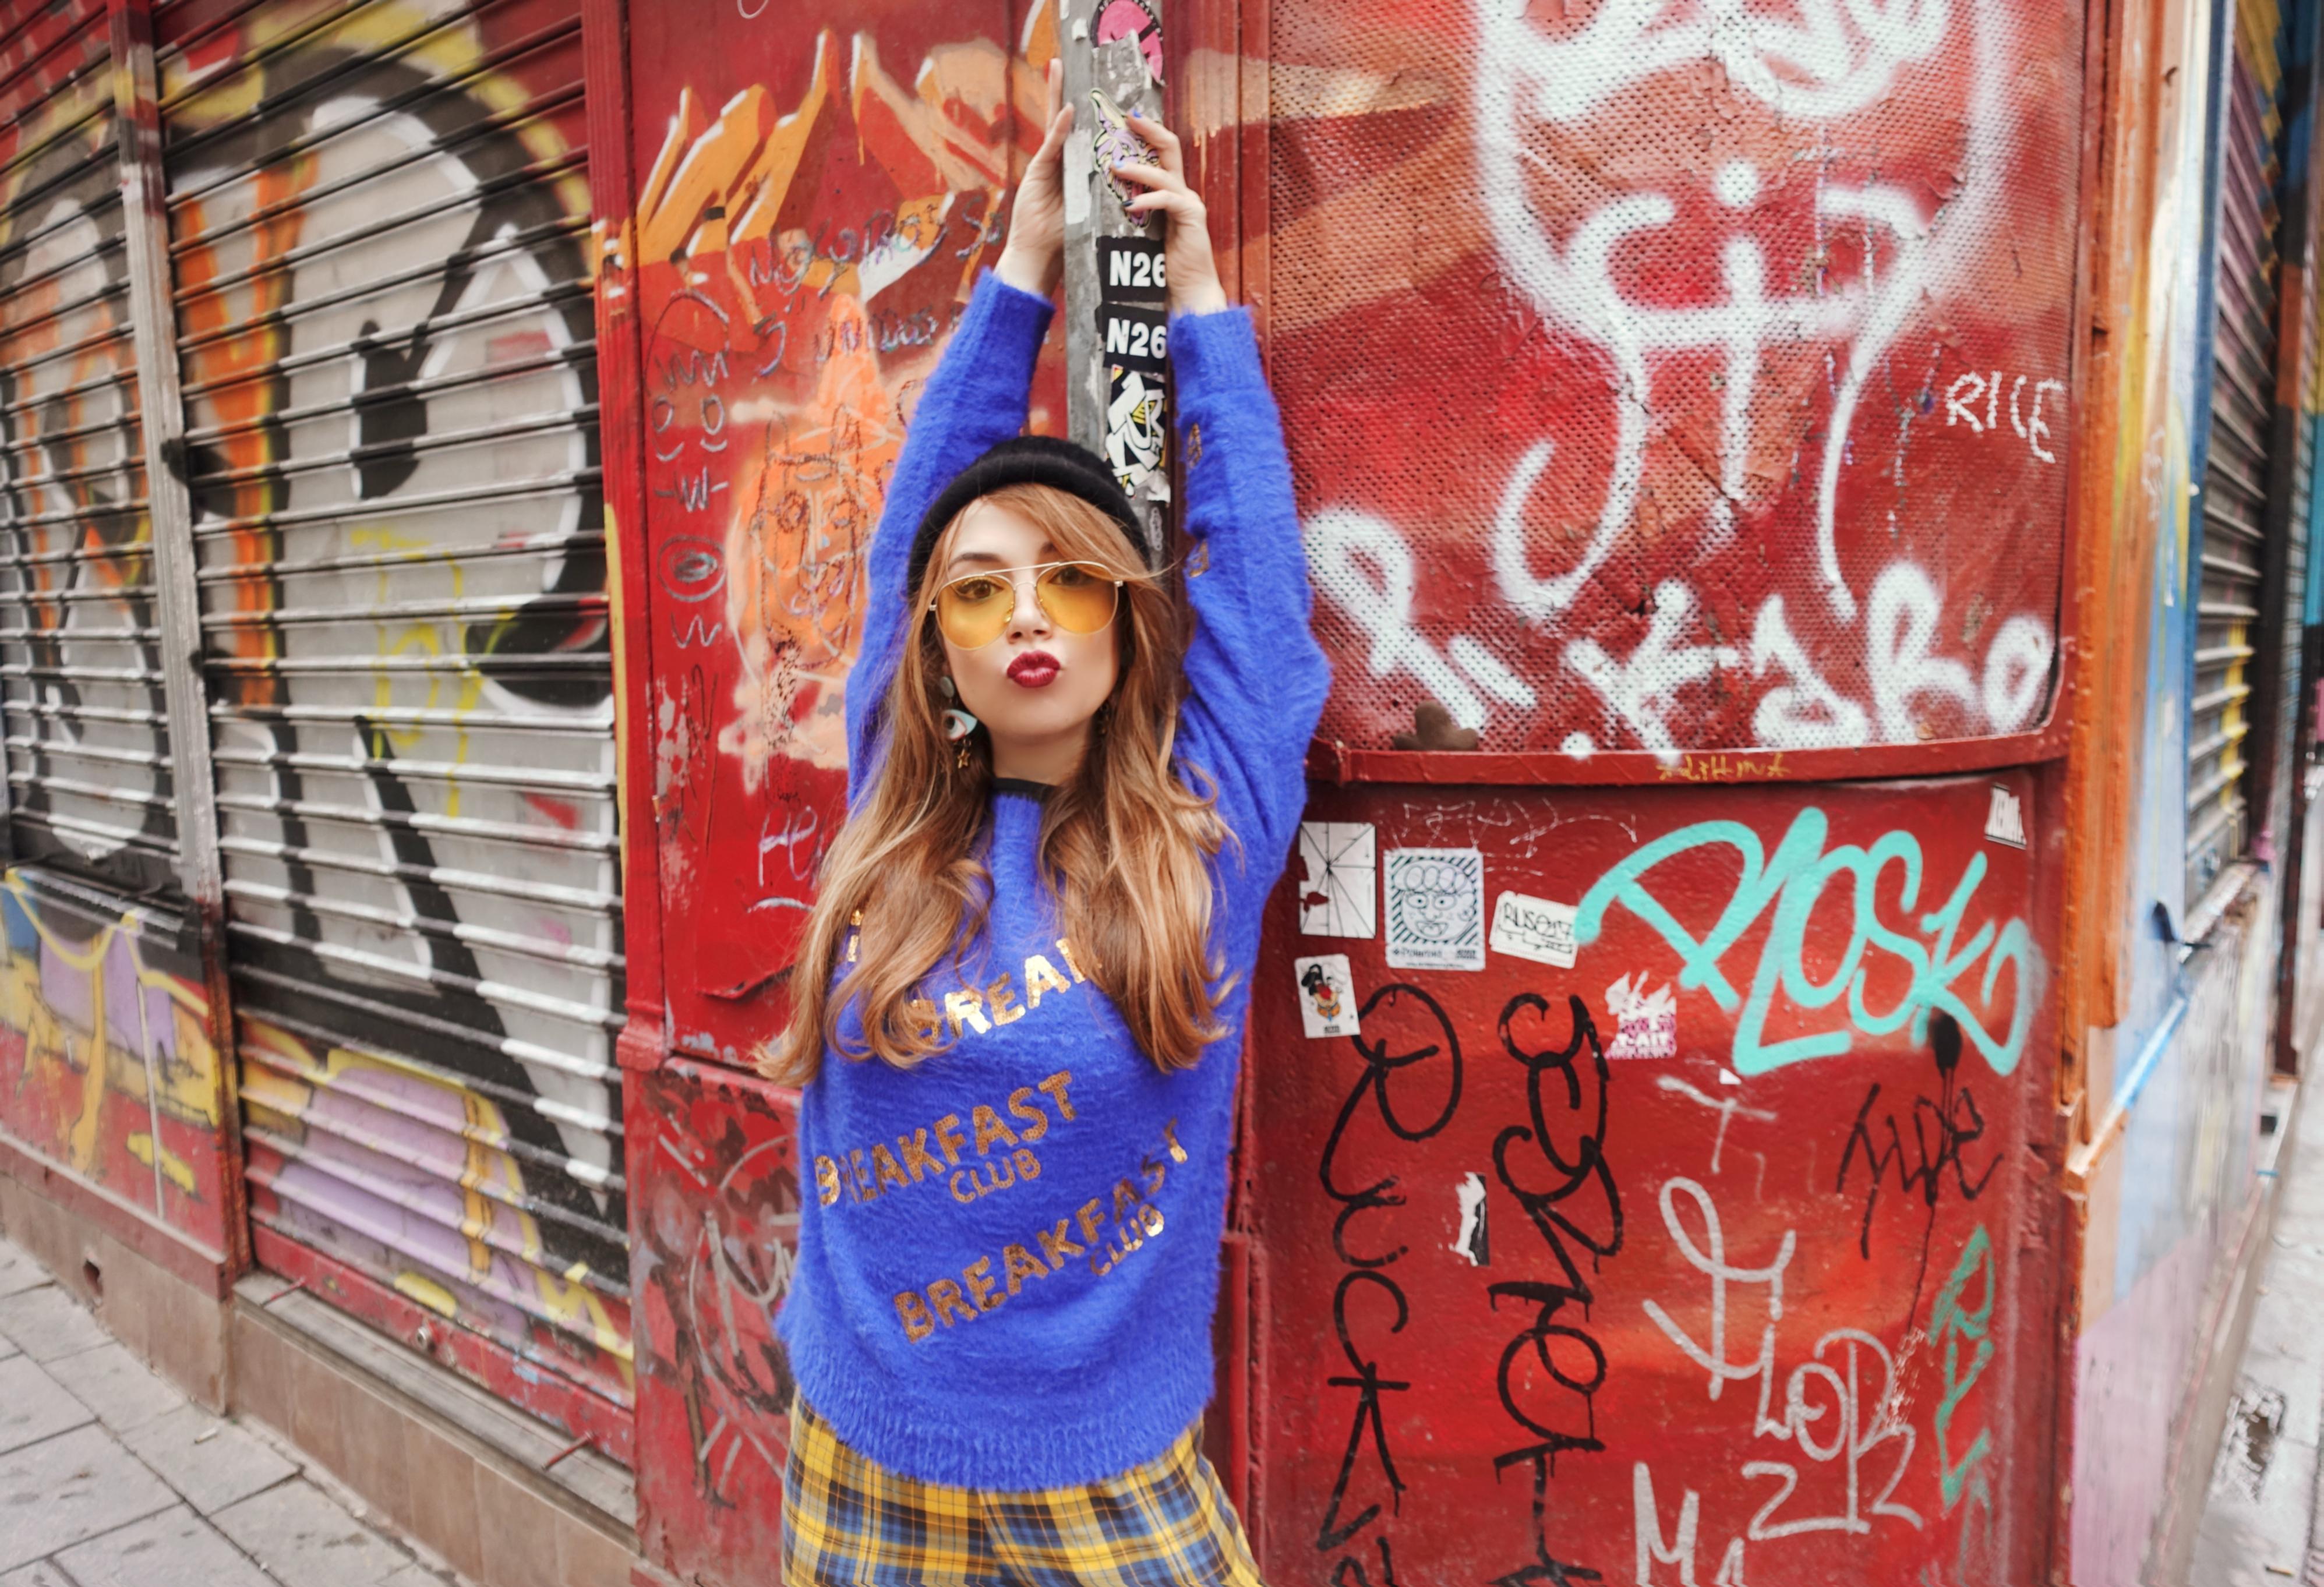 Hipster-look-blog-de-moda-Chicadicta-influencer-fashionista-ropa-molly-bracken-PiensaenChic-pantalones-de-cuadros-trendy-Chic-adicta-Piensa-en-Chic